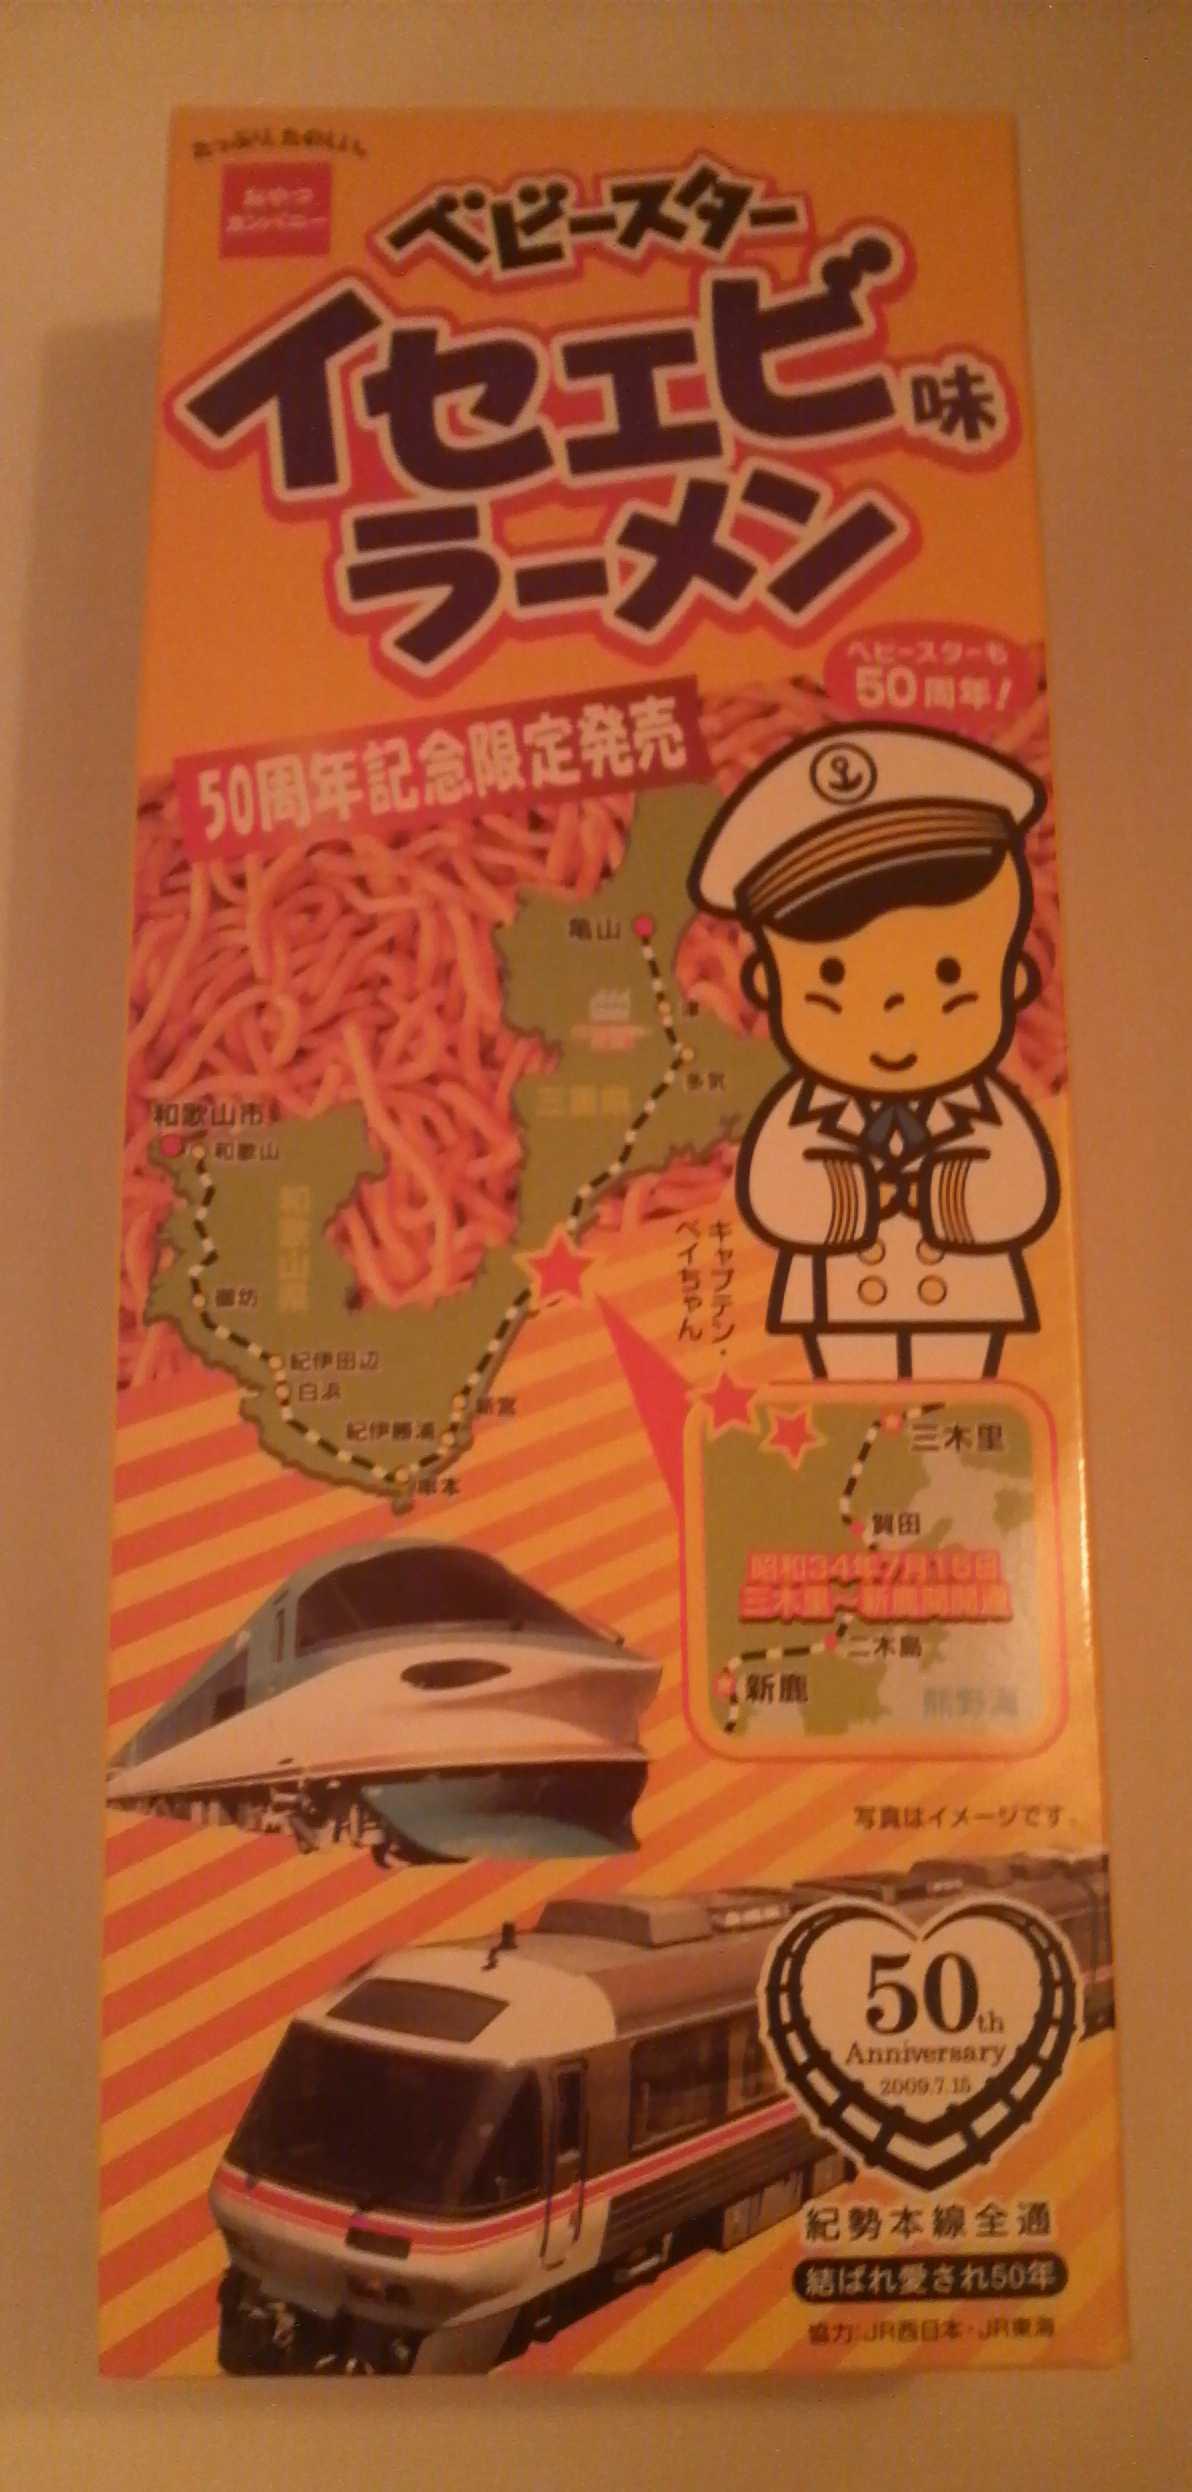 ベビースターイセエビ味ラーメン50周年記念限定発売